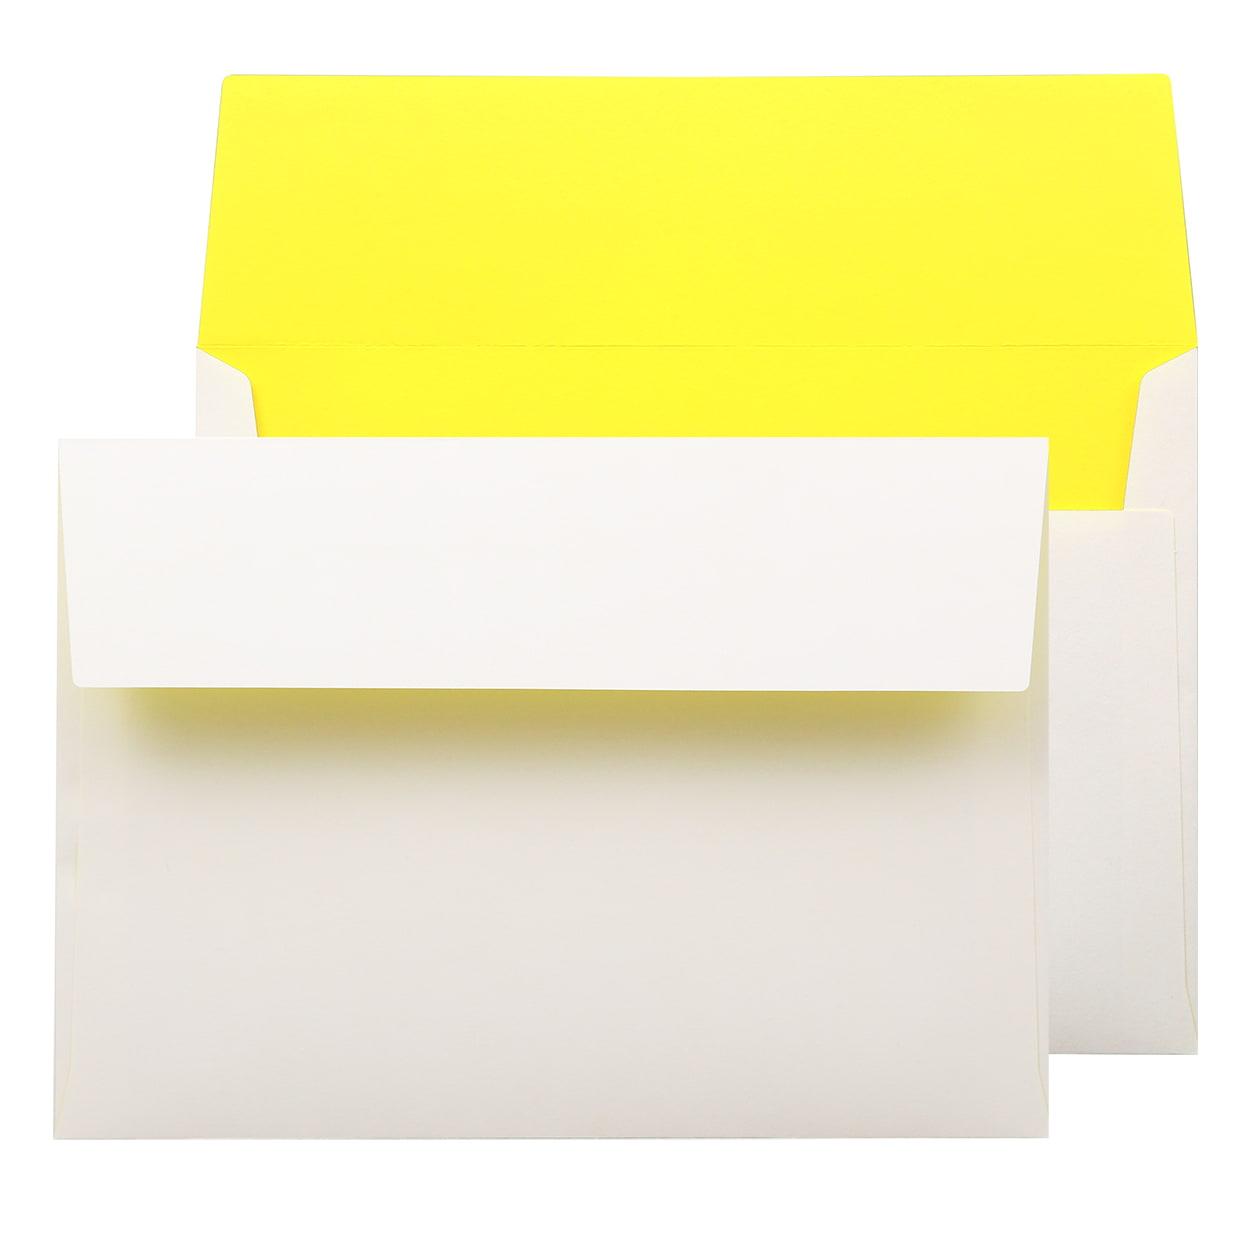 角6カマス封筒 フラッシュカラー ホワイト×イエロー 100g